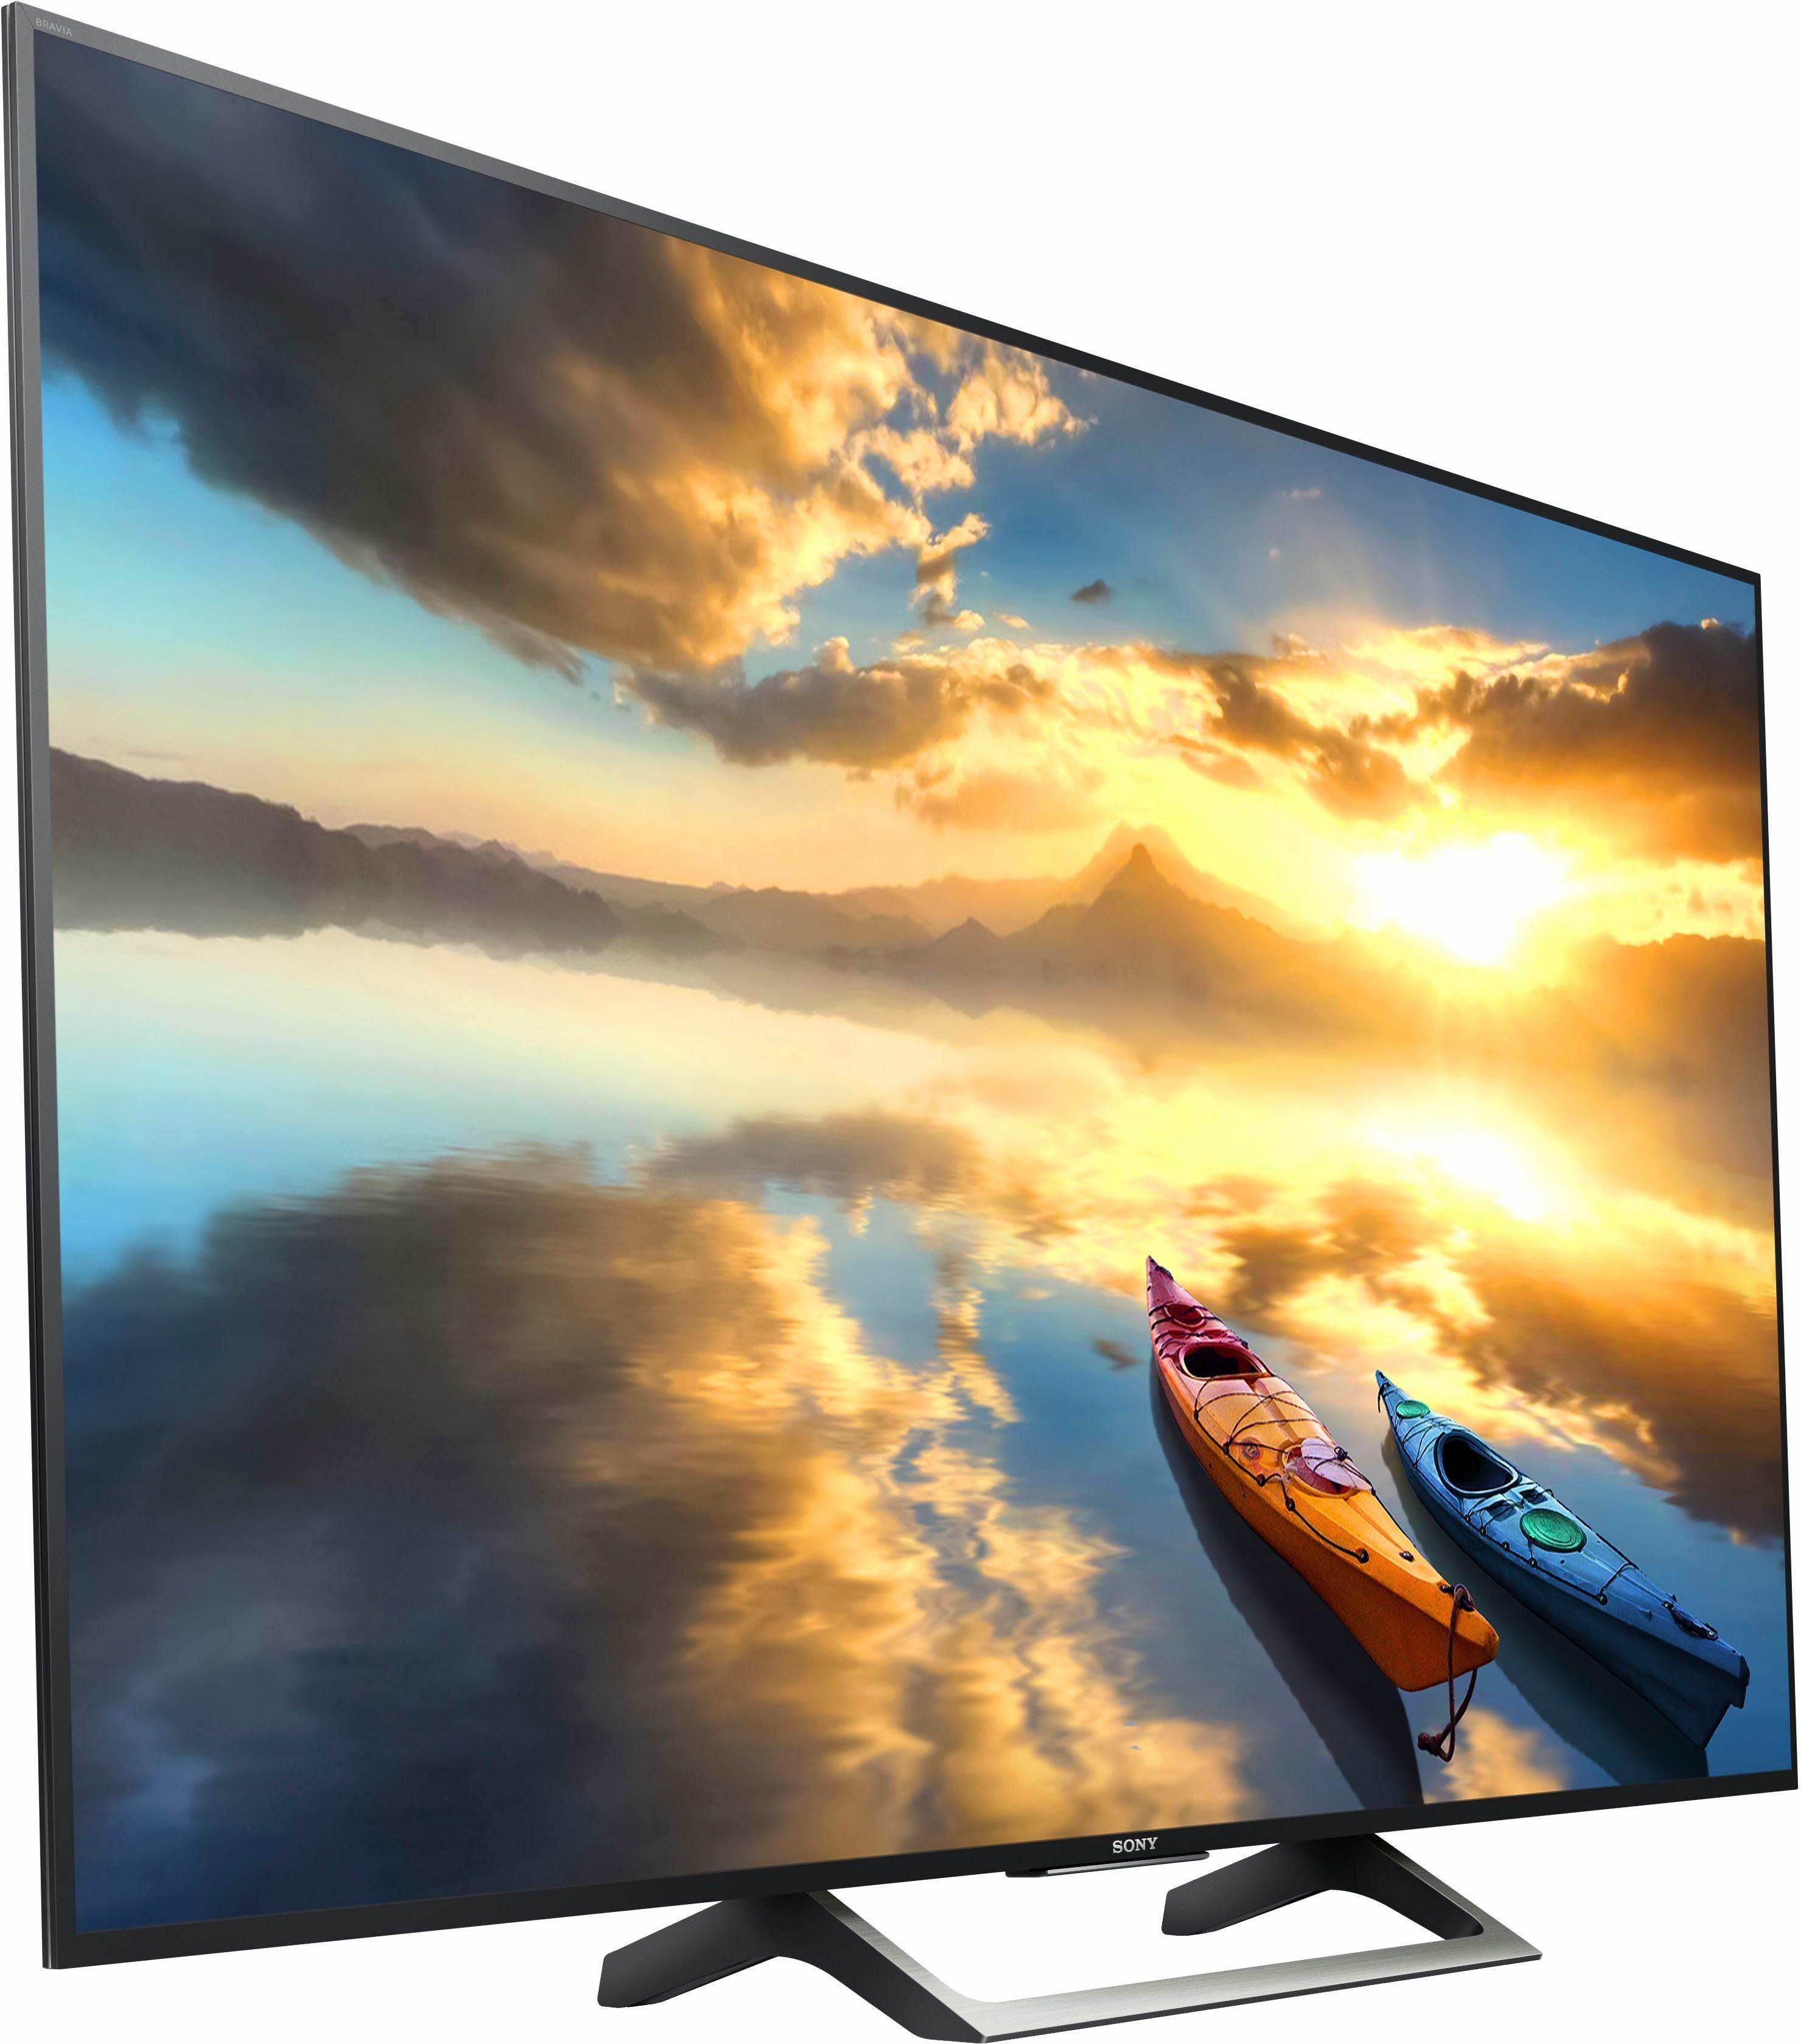 Sony KD65XE7005 LED-Fernseher (65 Zoll, 4K Ultra HD, Smart-TV)